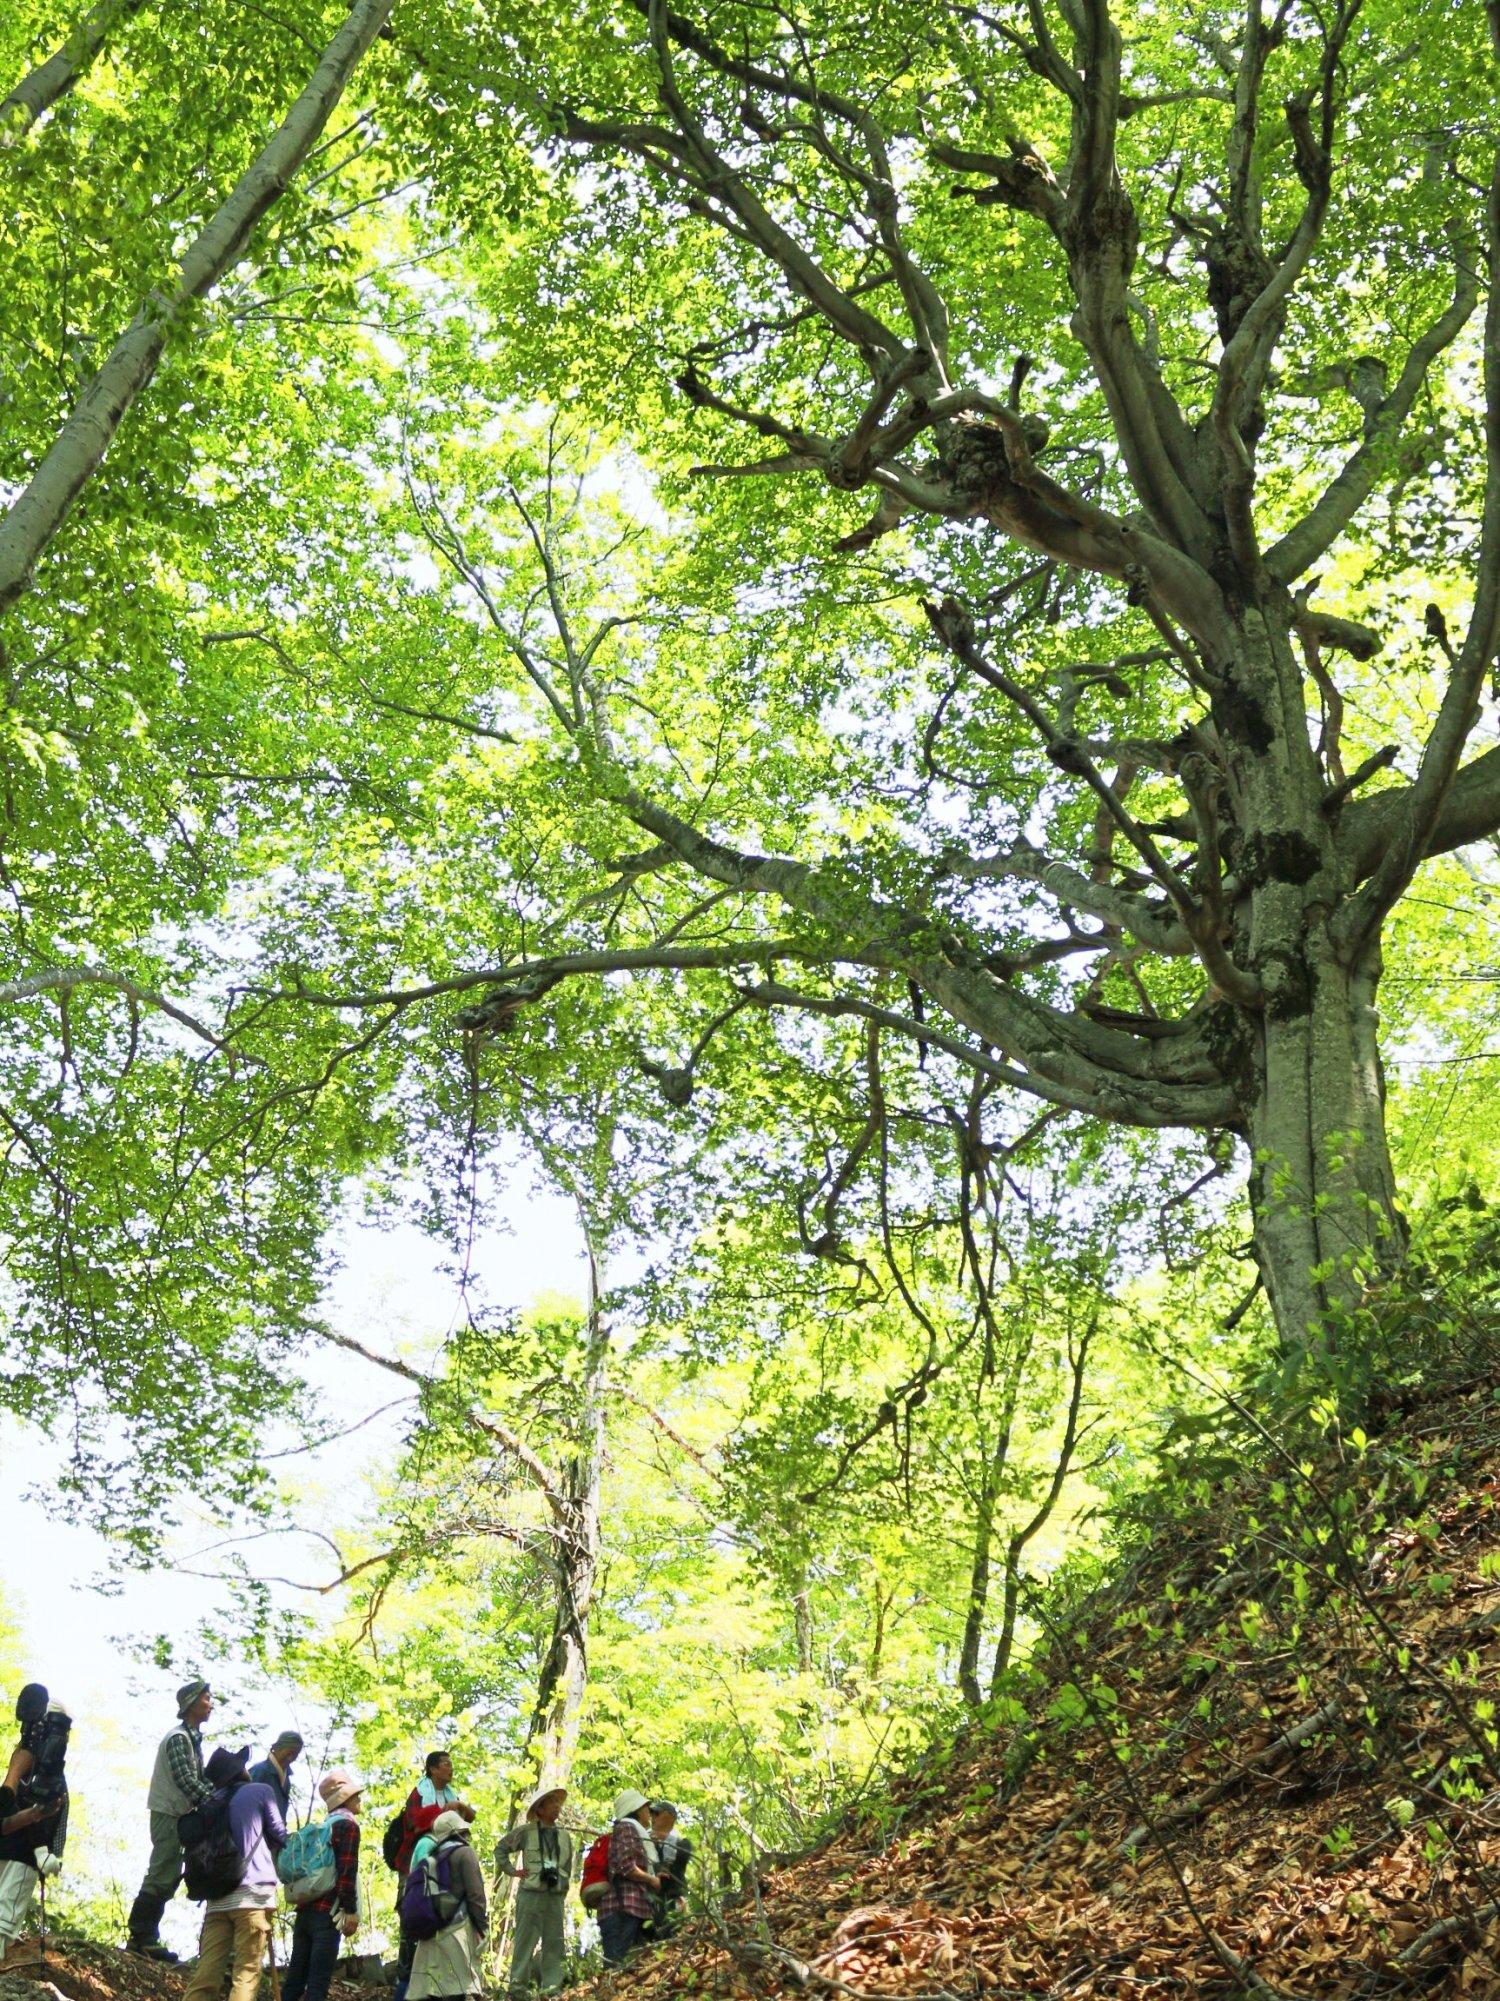 ブナ林が美しい道筋には史跡も多い。フルコース約30㎞、所要3日。